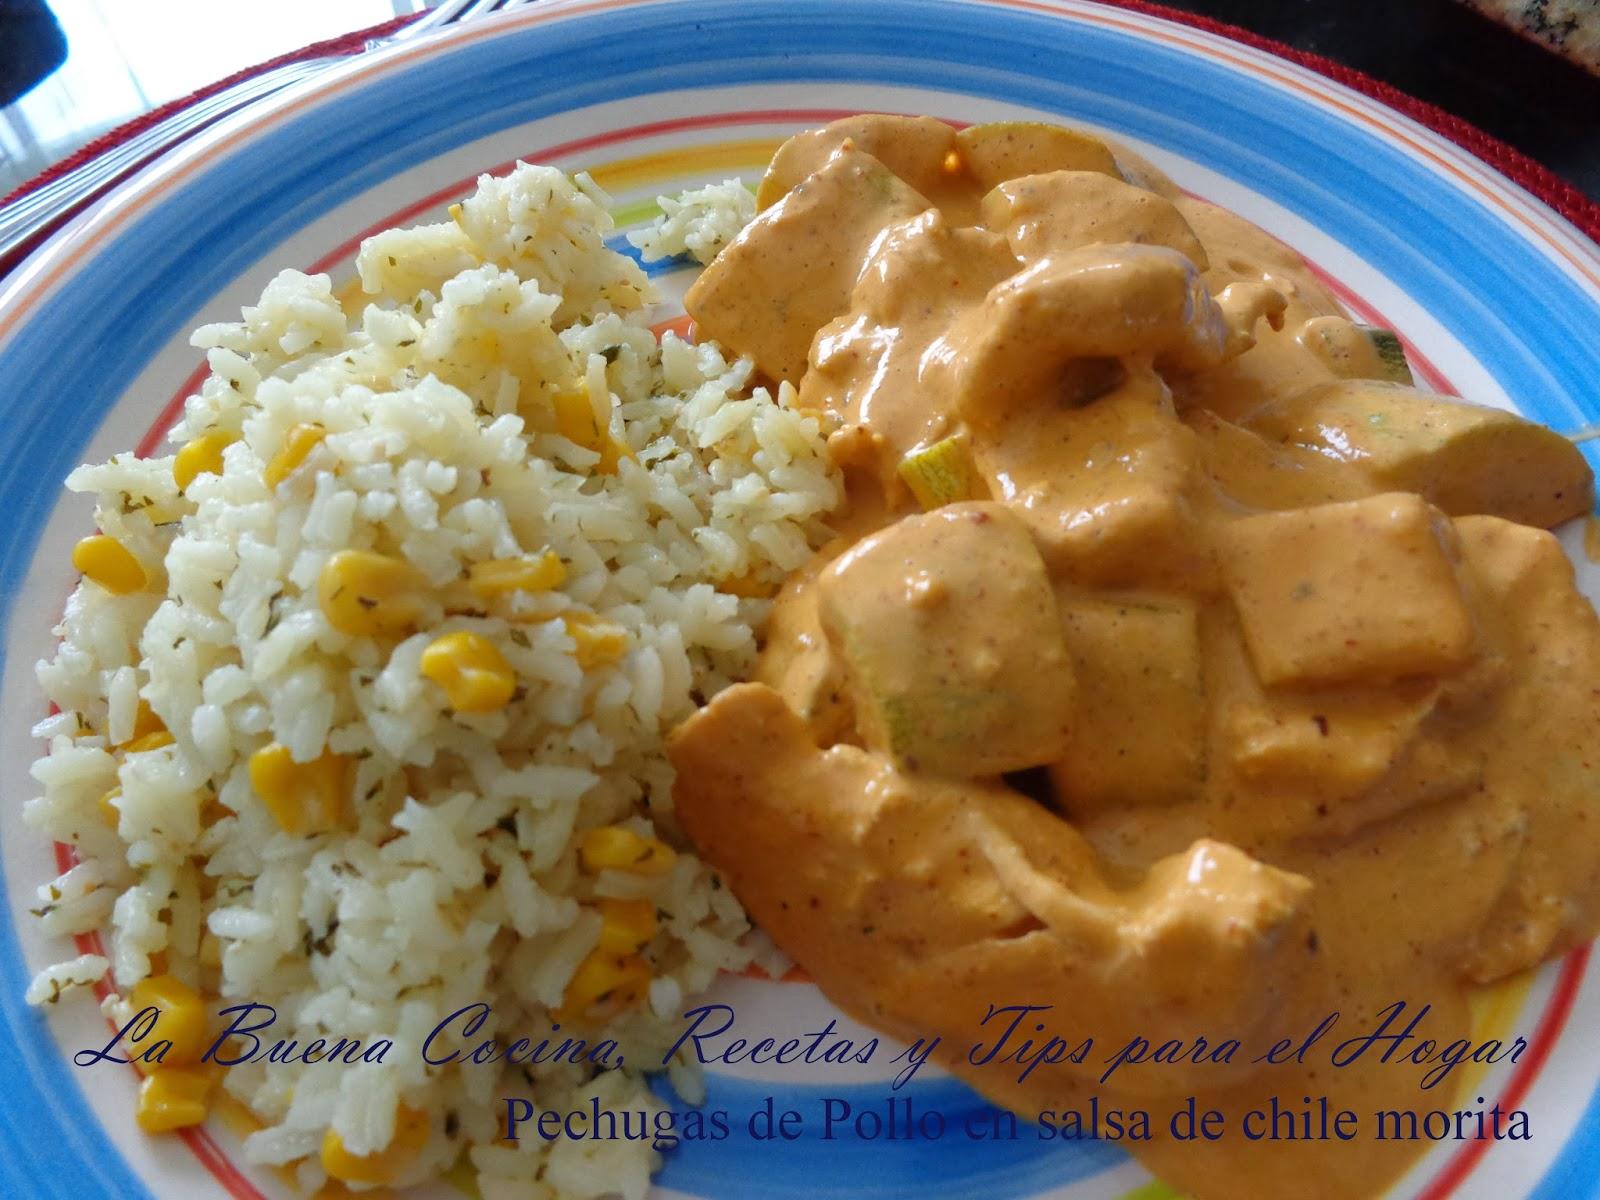 La Buena Cocina Recetas Y Tips Para El Hogar Pechugas De Pollo En - Recetas-de-cocina-con-pollo